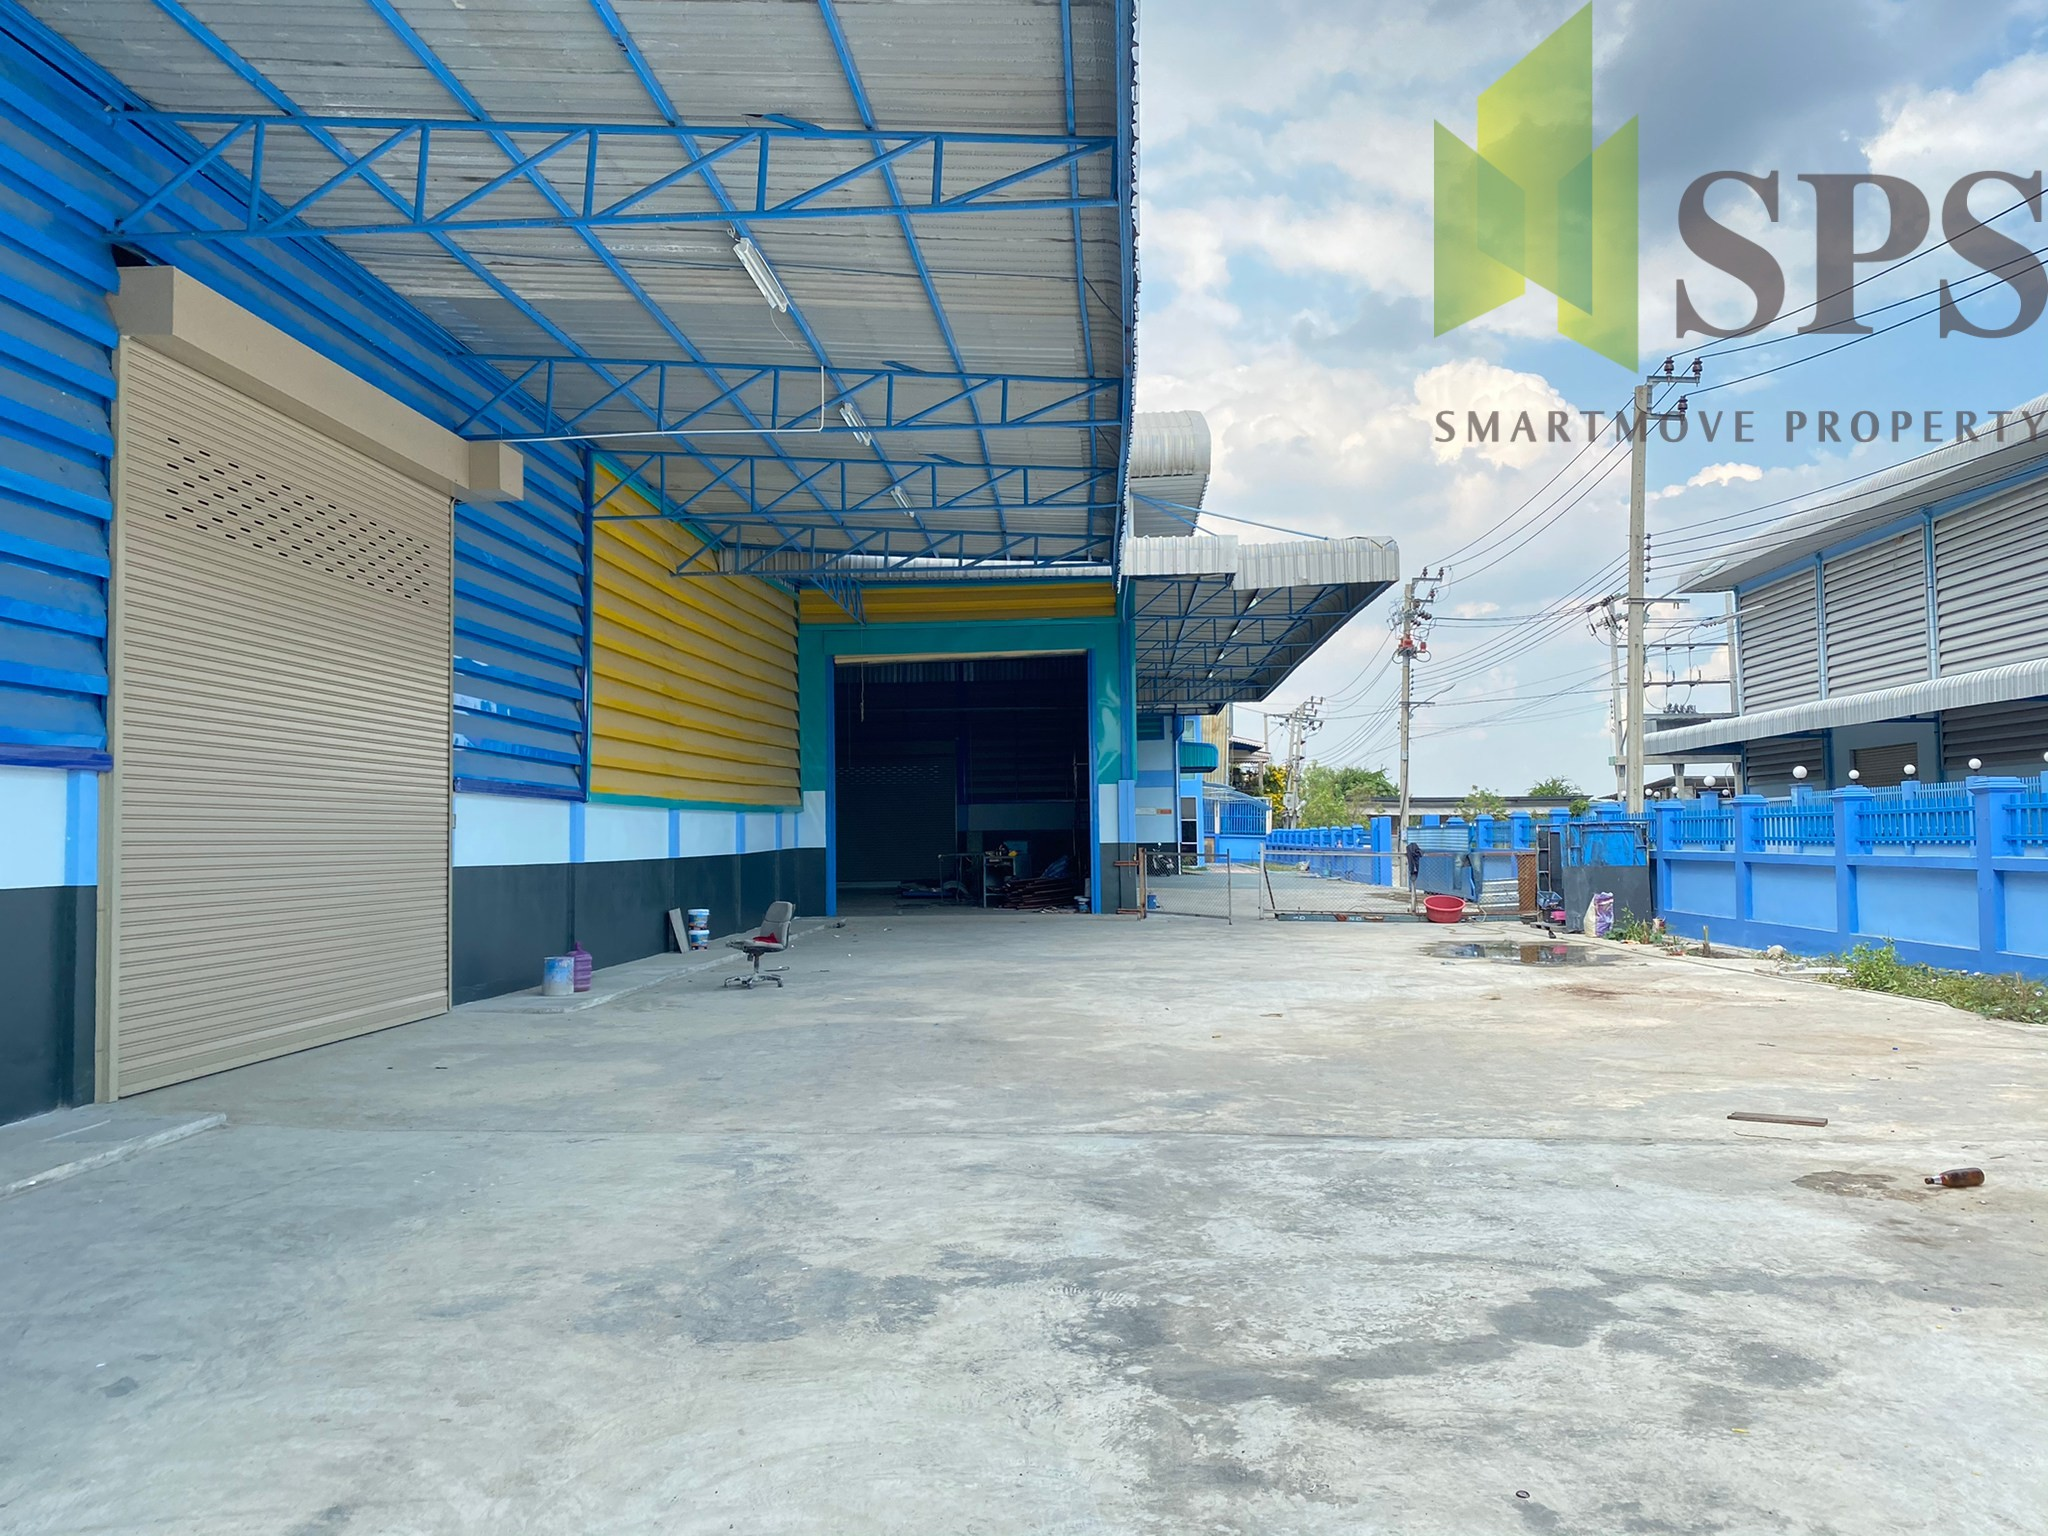 โกดังให้เช่า โรงงานให้เช่า ซอยยิ่งเจริญ บางพลีใหญ่ สมุทรปราการ (Property ID: SPS-PPW134)